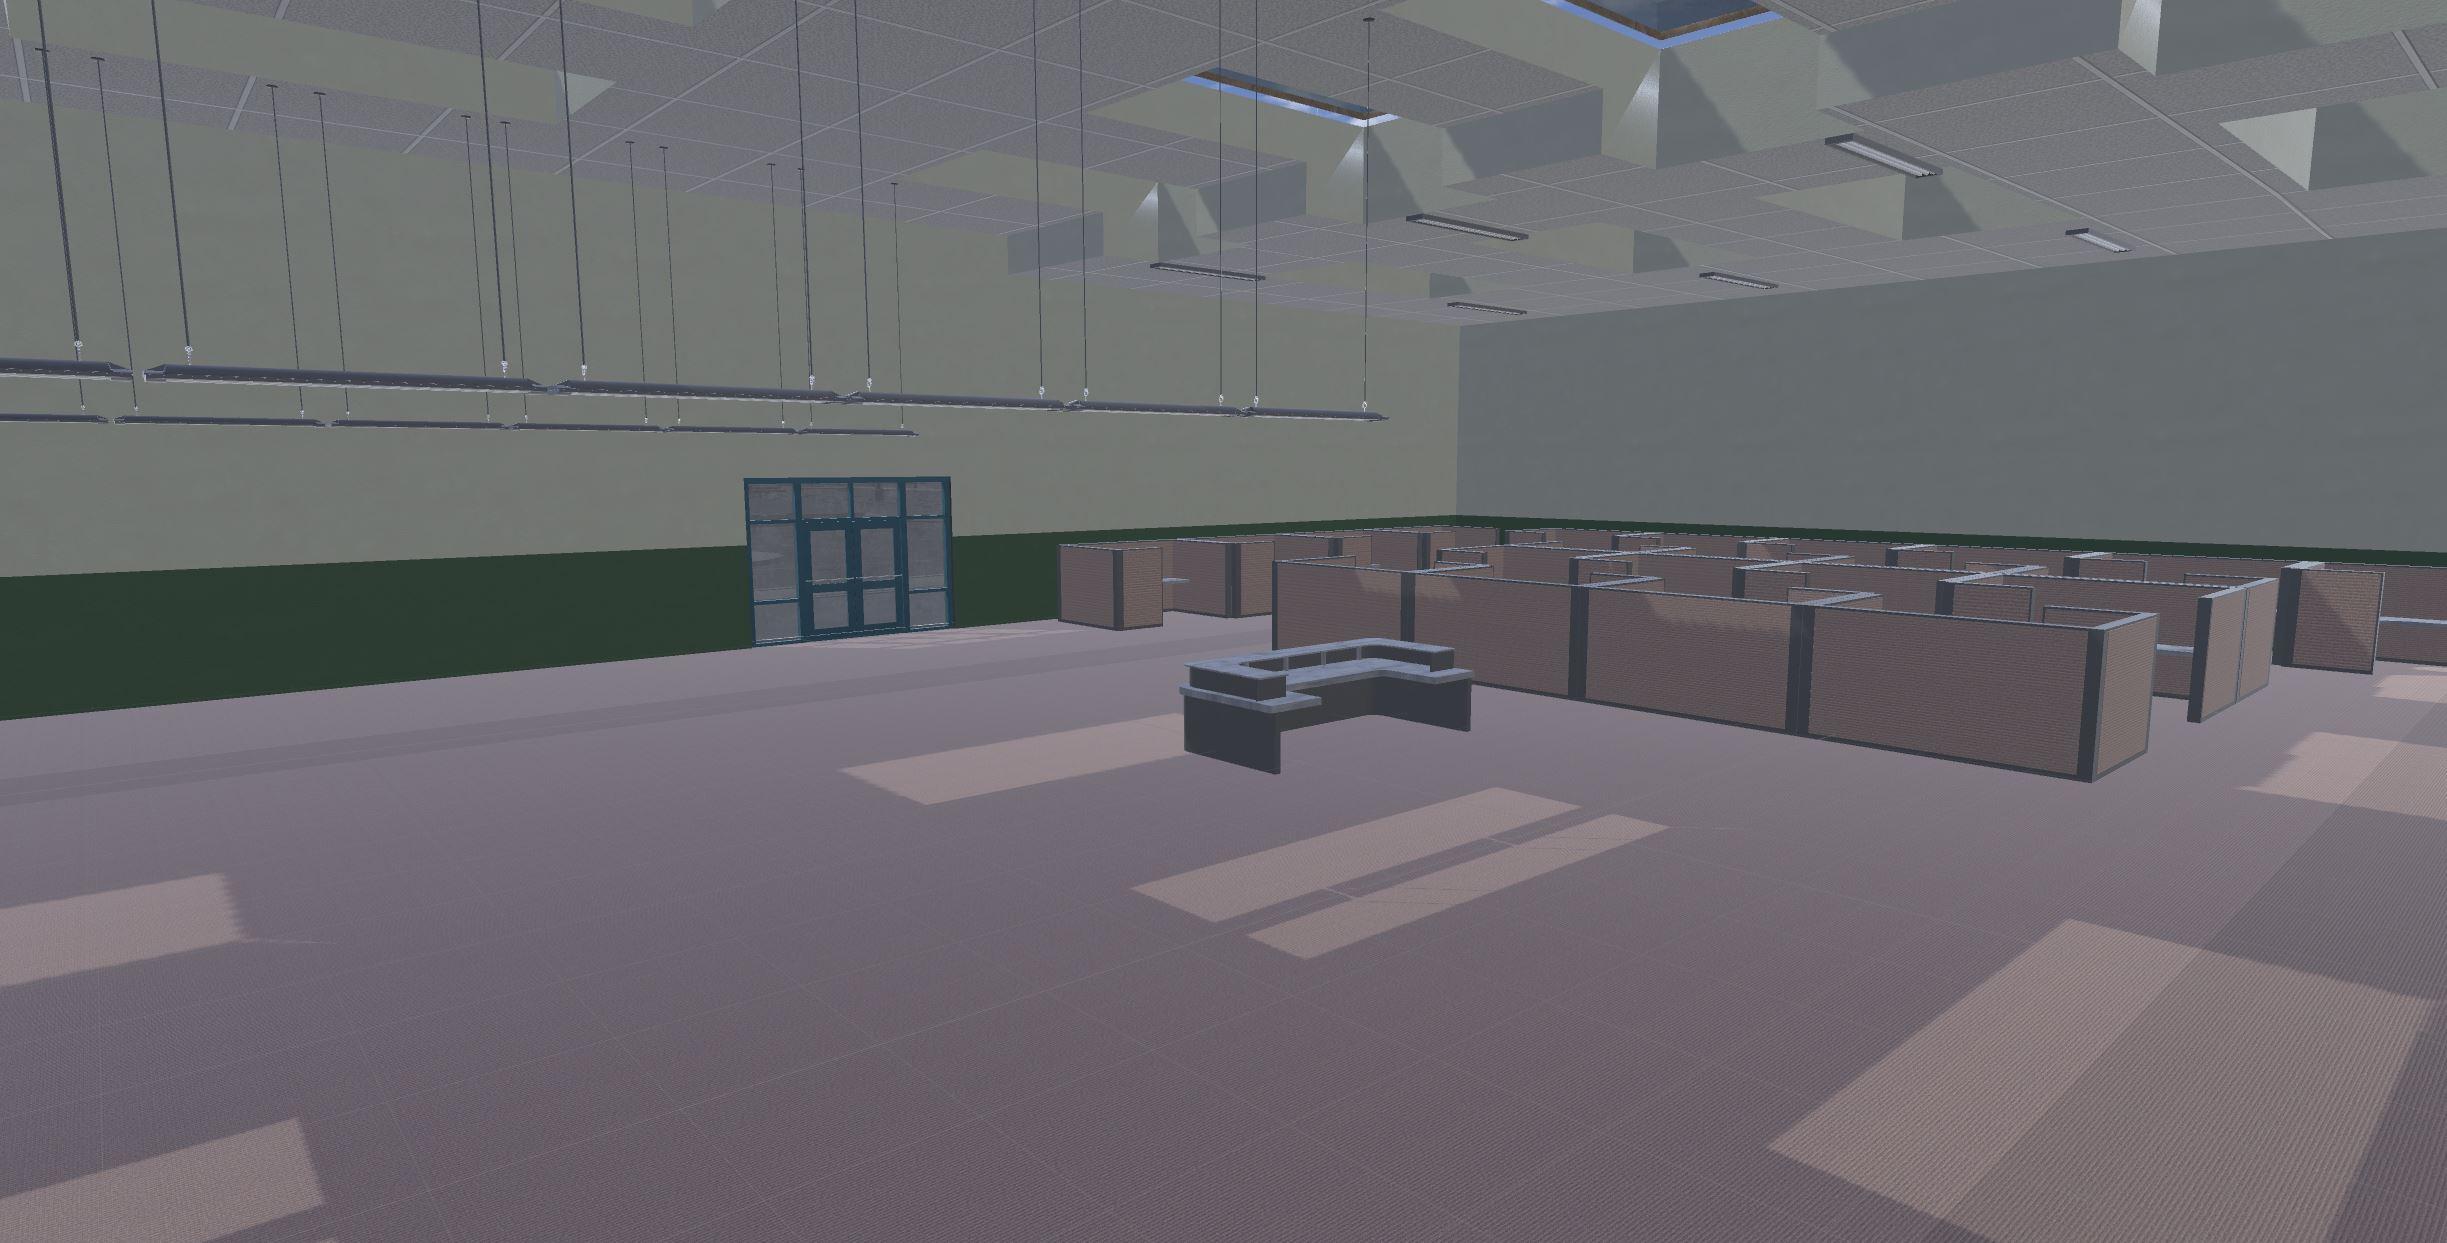 Hazmat_Facility_7